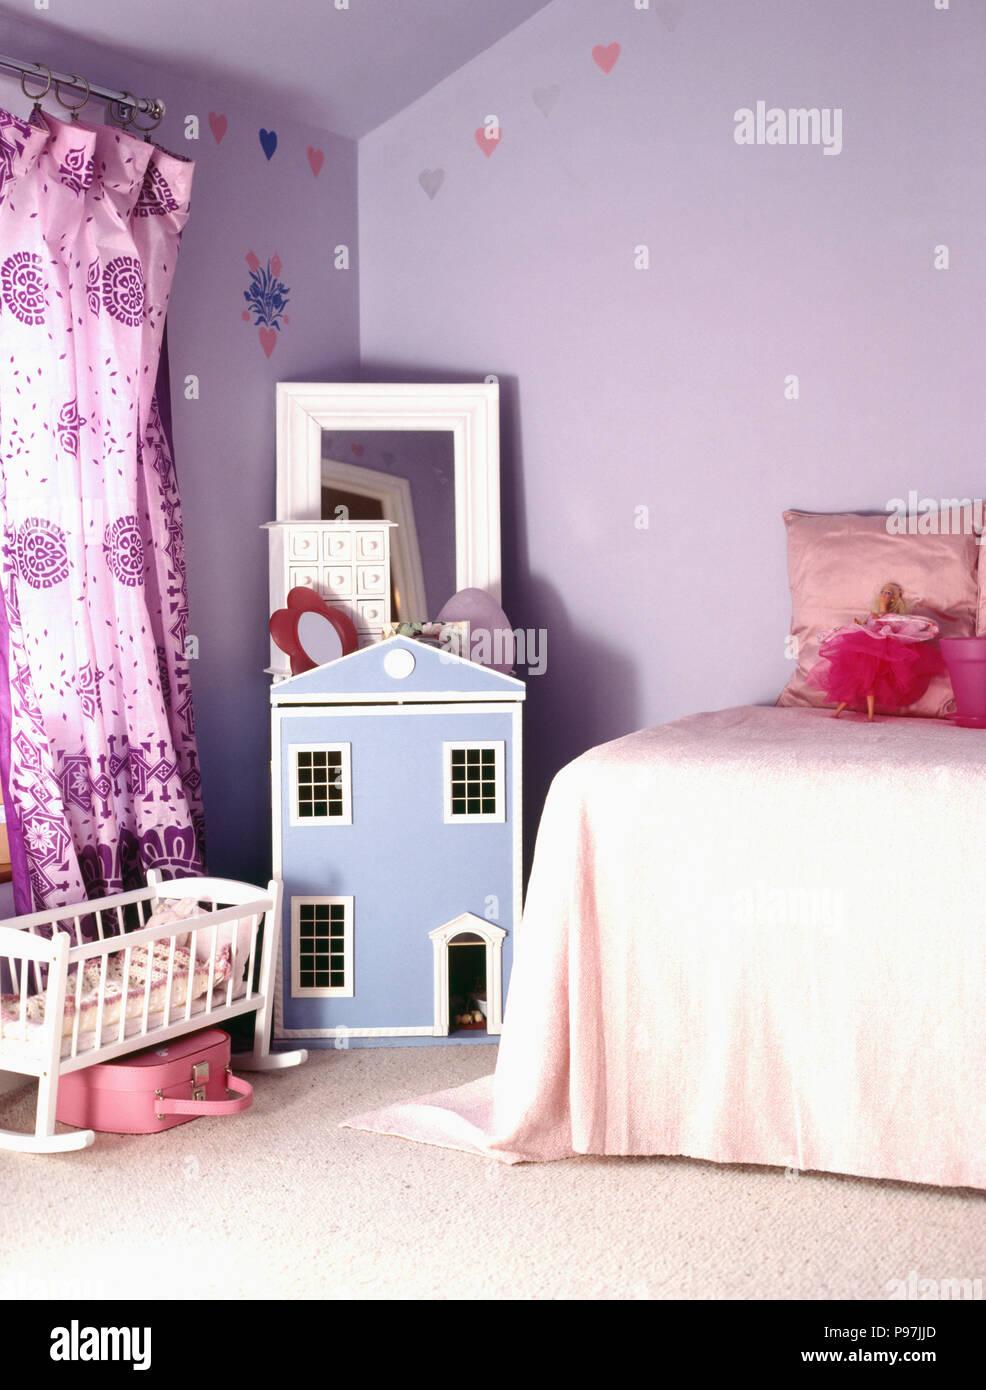 La Maison Des Poupées Bleu Et Mauve Et Des Rideaux Dans La Chambre Lilas  Enfant